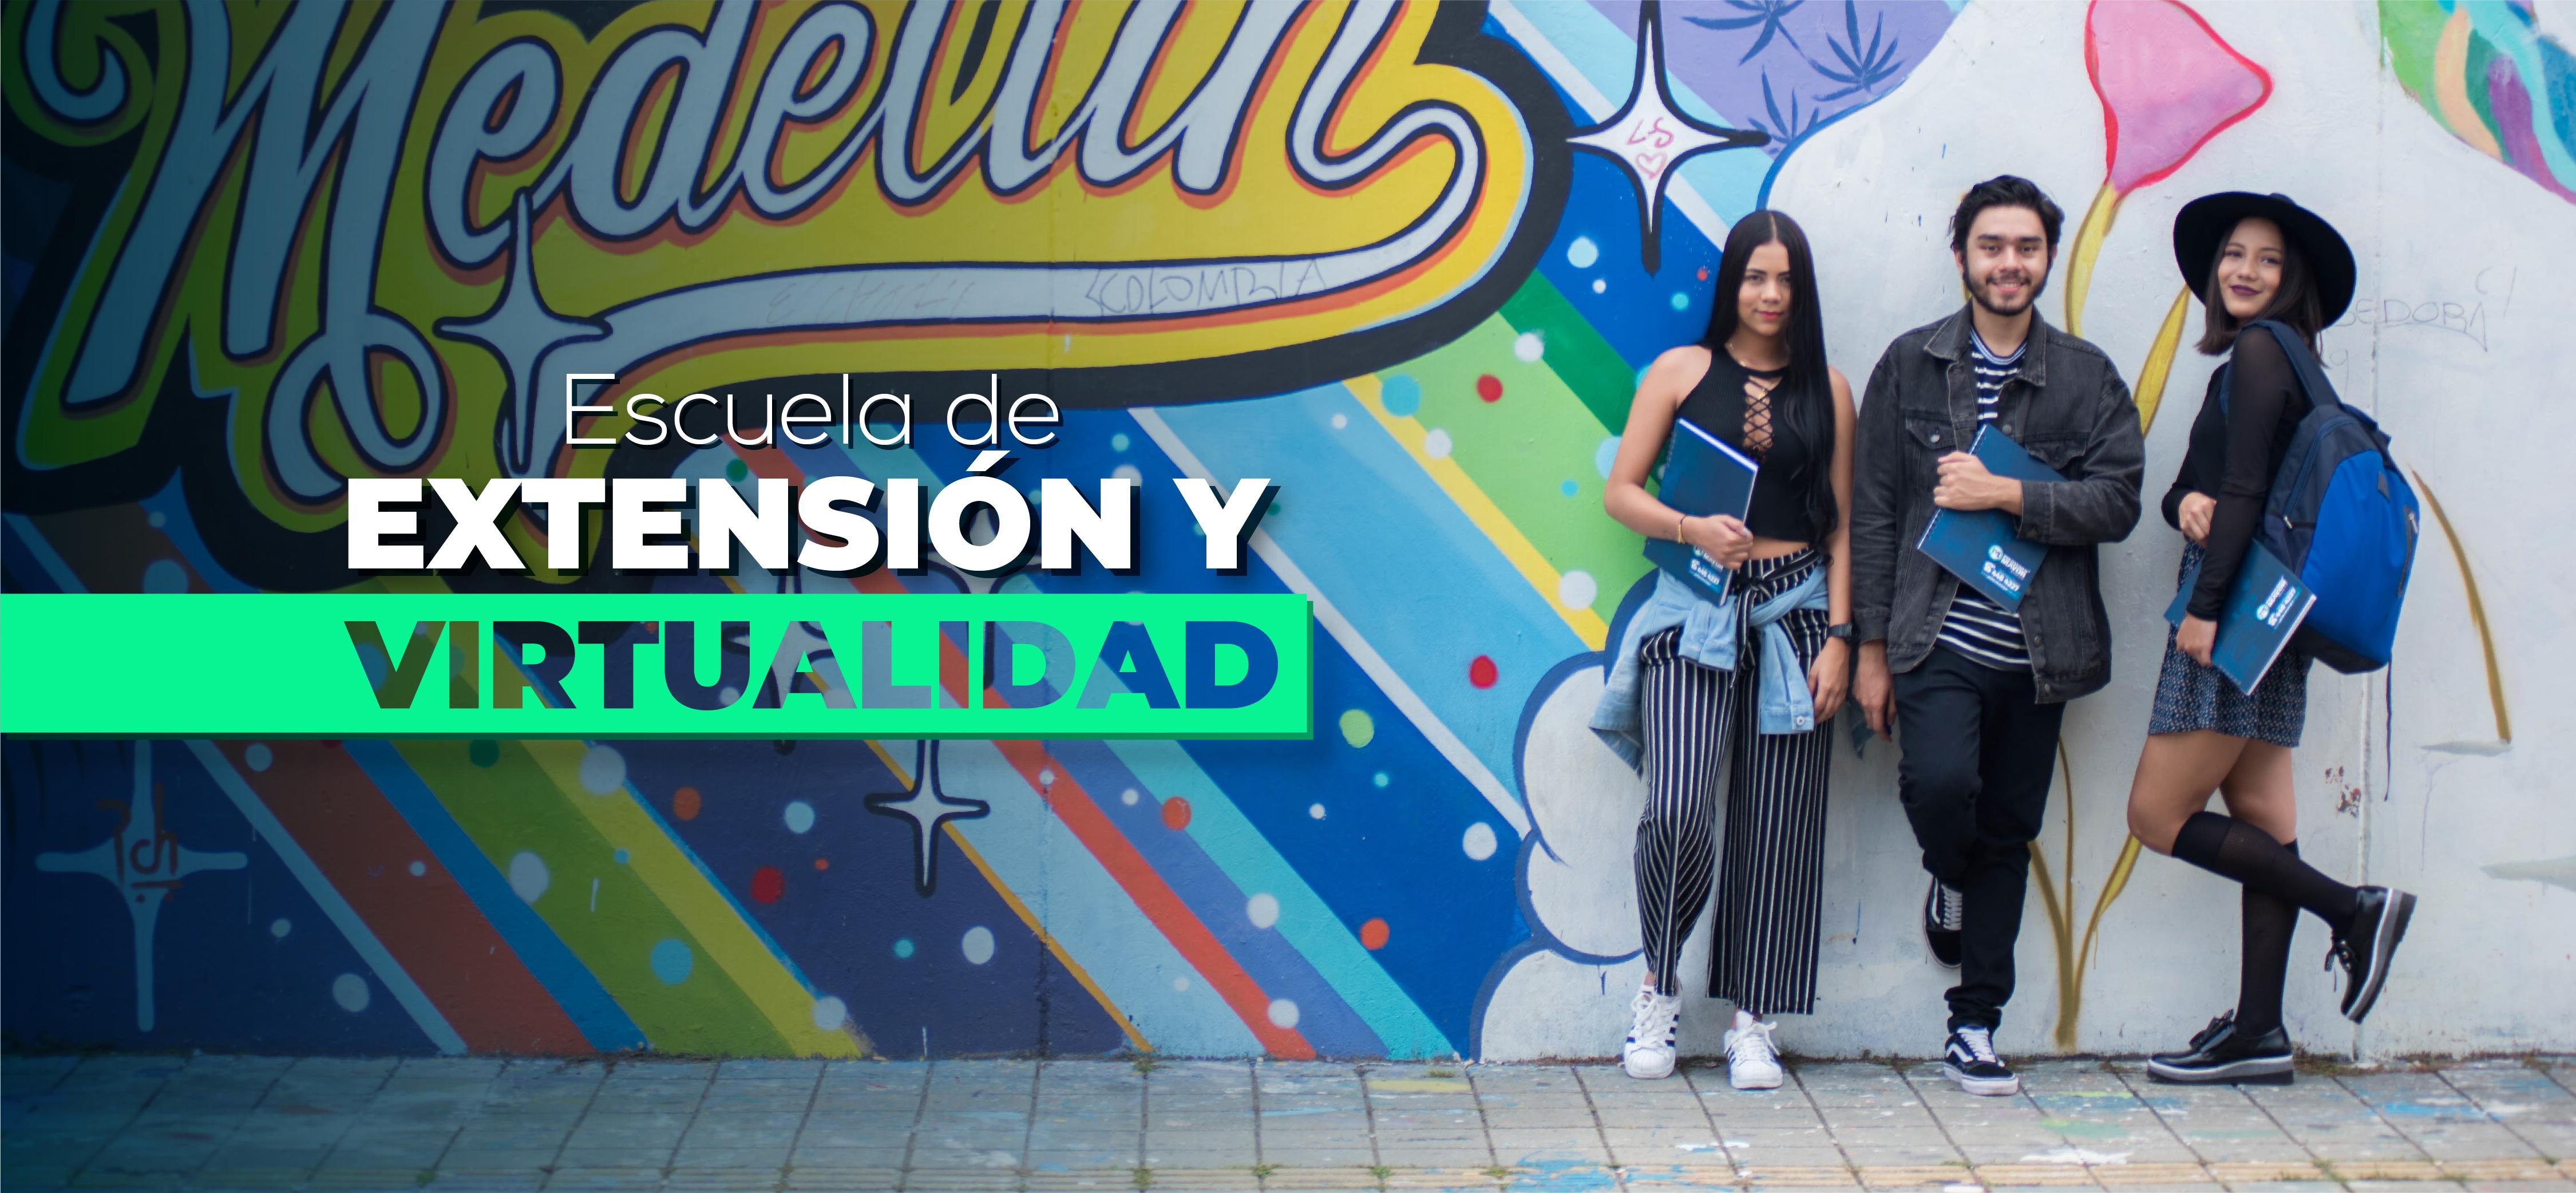 Escuela_de_extensin_y_virtualidad_slide-02